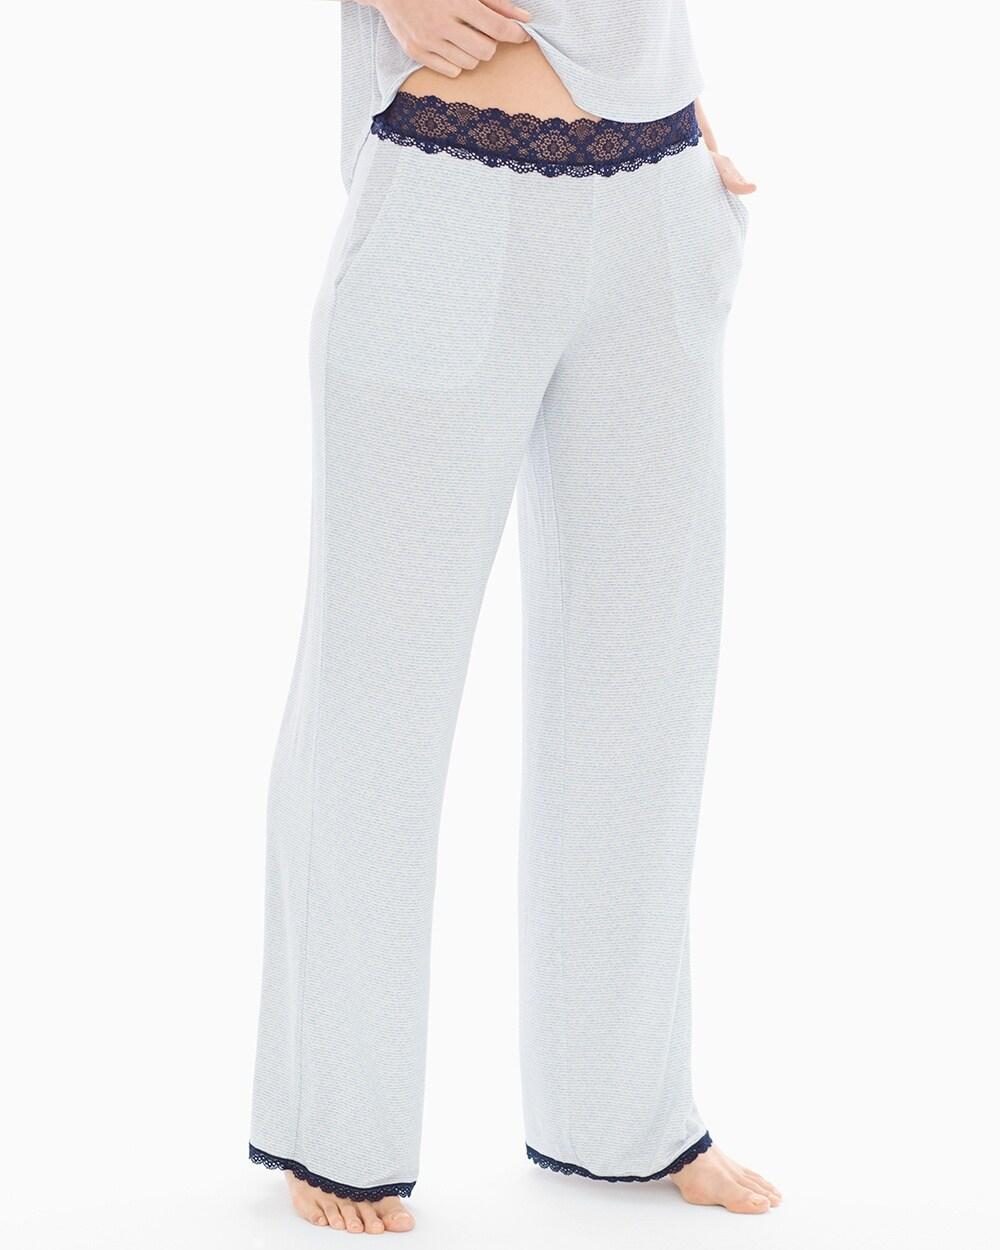 55a7fc5590e79e Lace Trim Pajama Pants - Soma